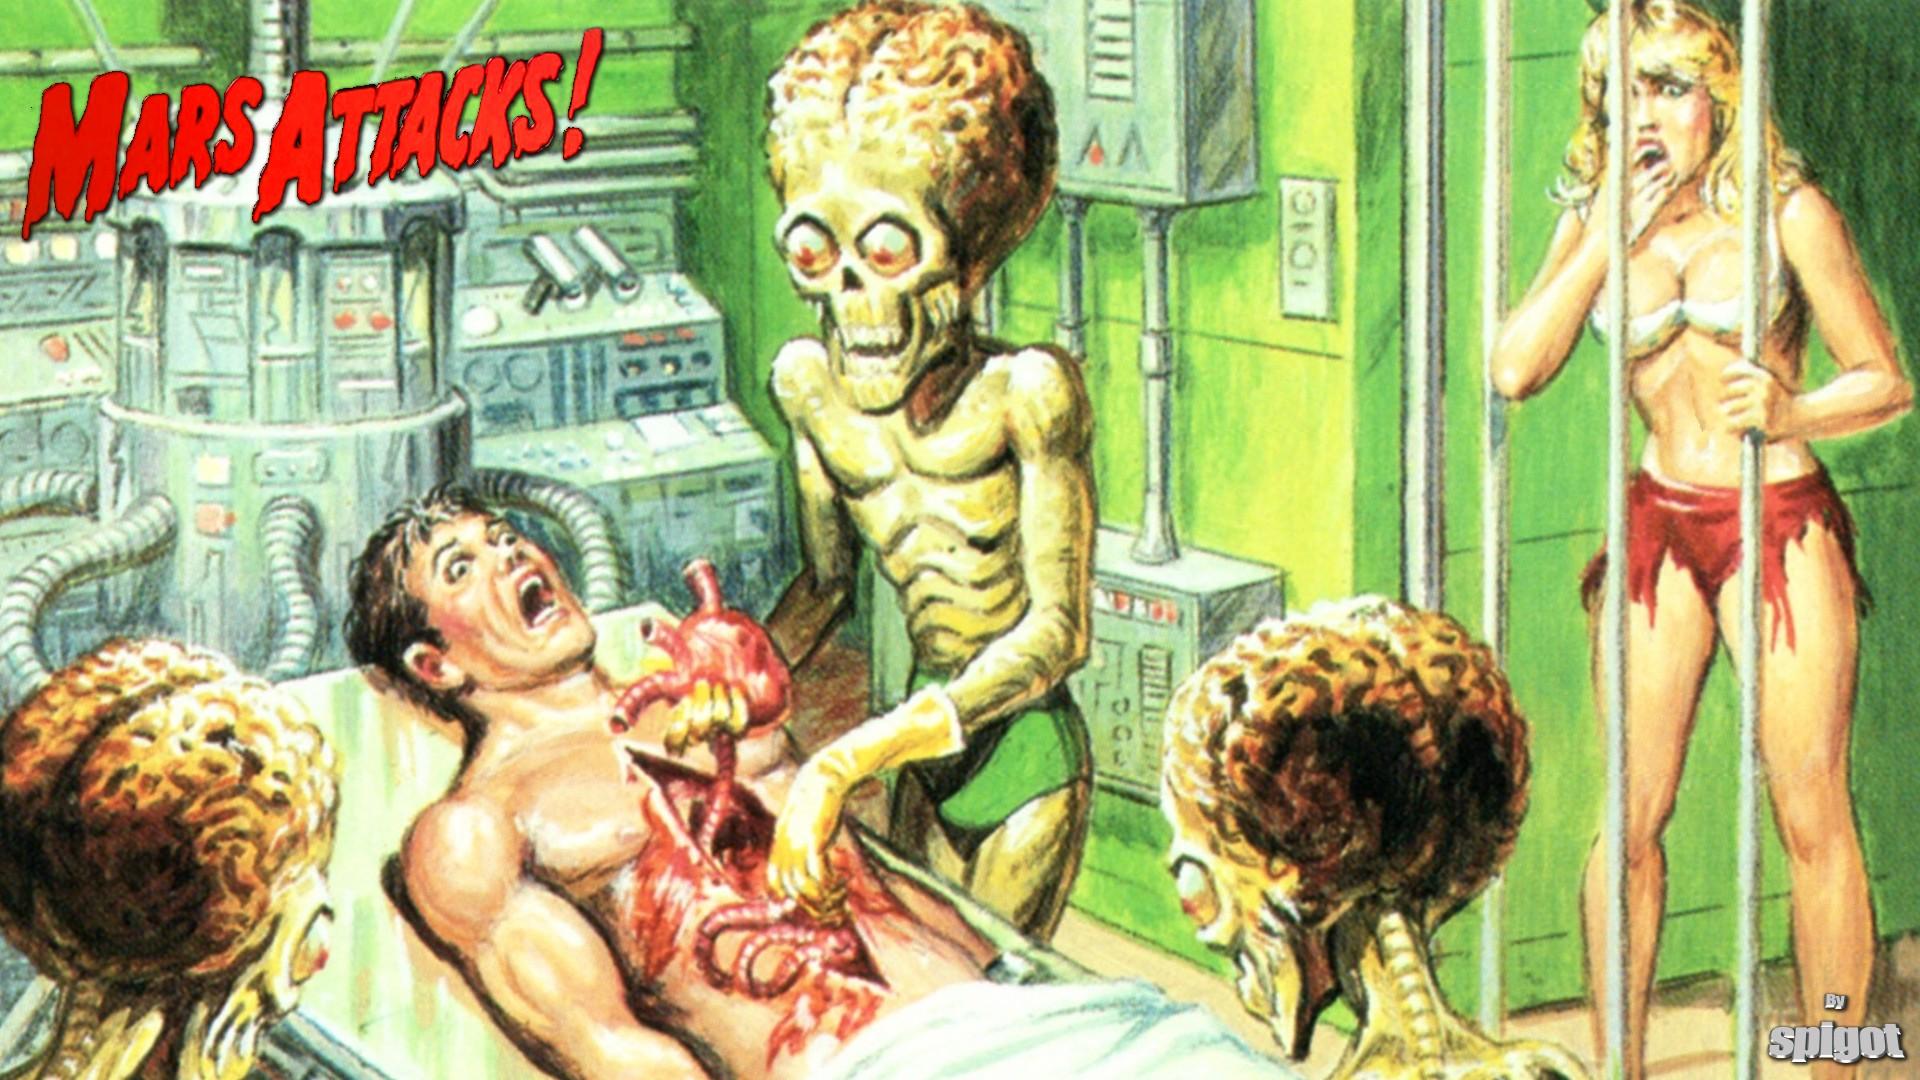 порно с пришельцами комиксы № 118111 бесплатно